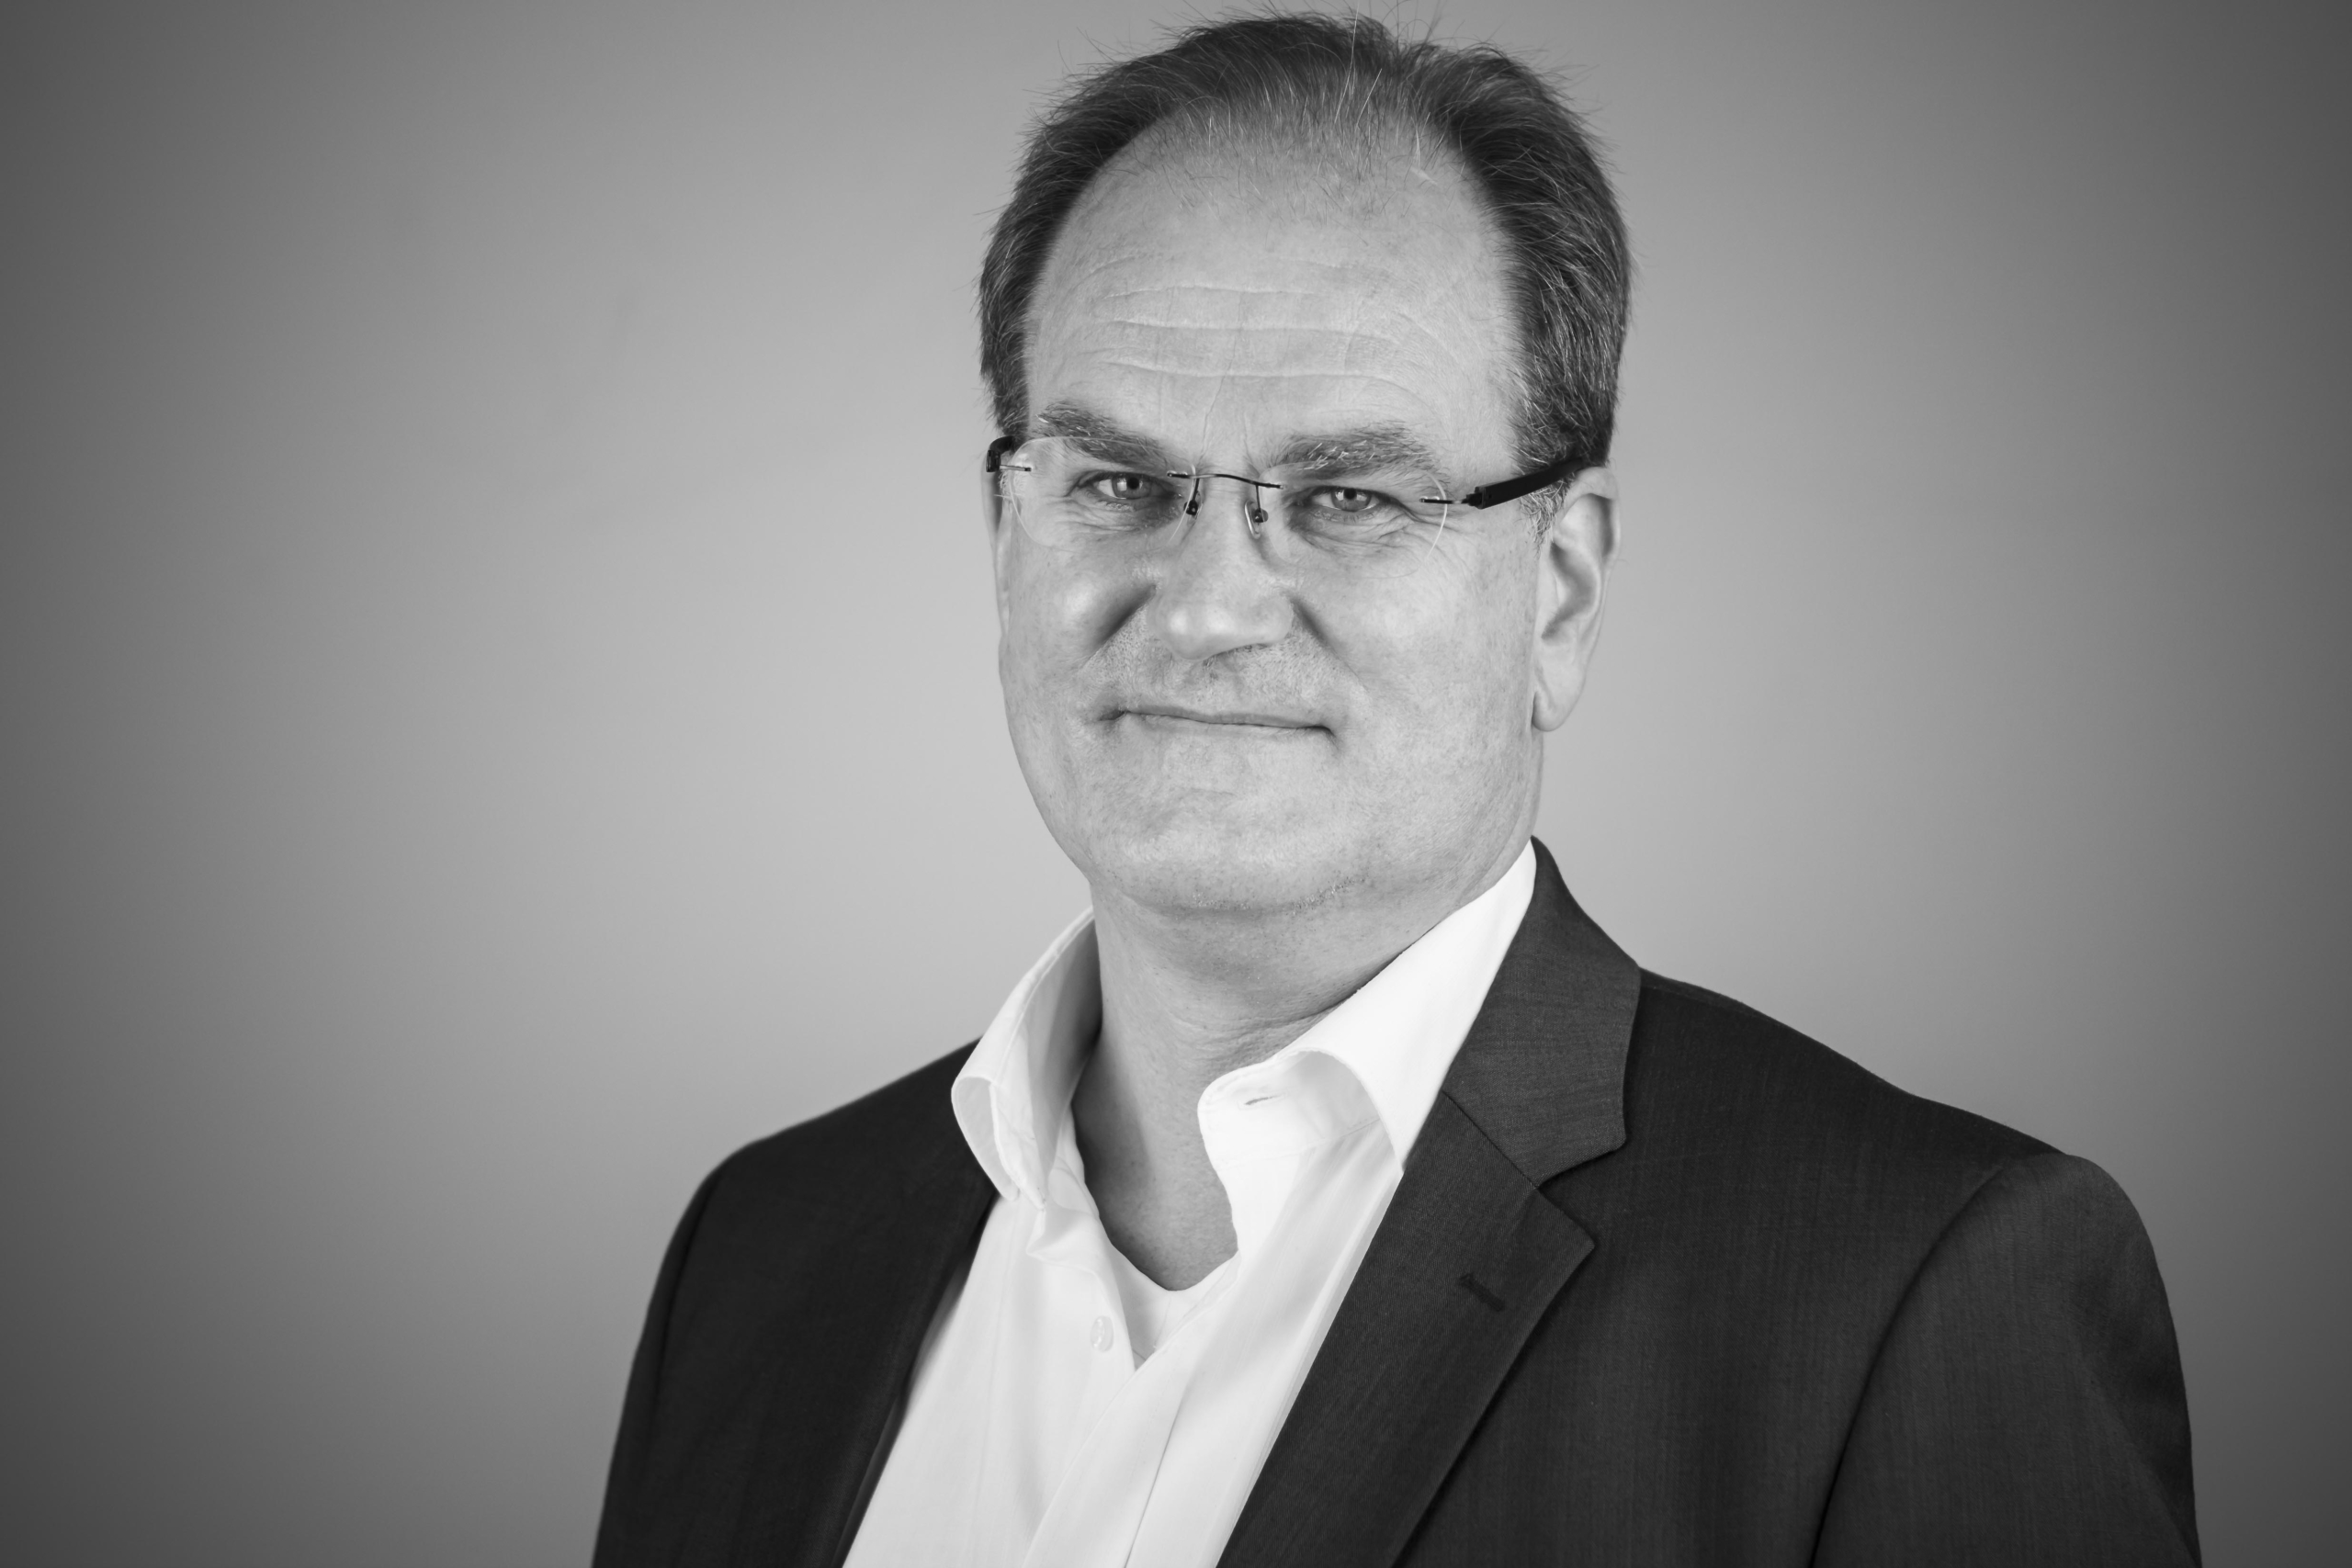 Geotechnik, Jochen Bosenick, arccon Ingenieurgesellschaft, Gelsenkirchen, Ingenieurbüro